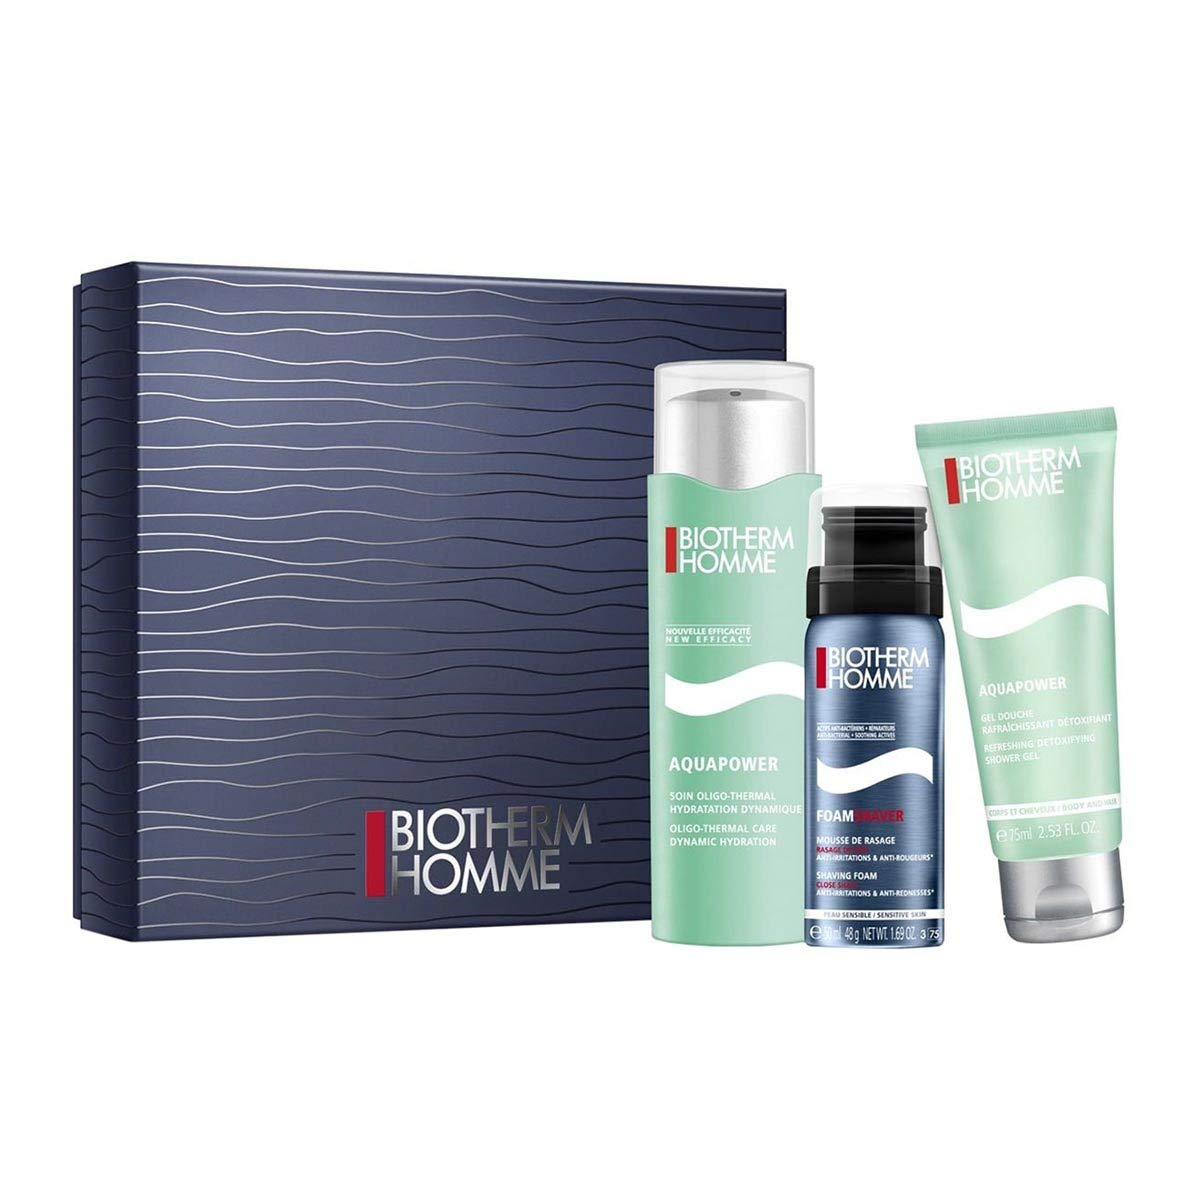 Biotherm (public) 3614272341845 set para el cuidado facial - Sets para el cuidado facial (Hombres, Piel mixta, Piel normal, Hidratante, 3 pieza(s), 210 mm, 190 mm)